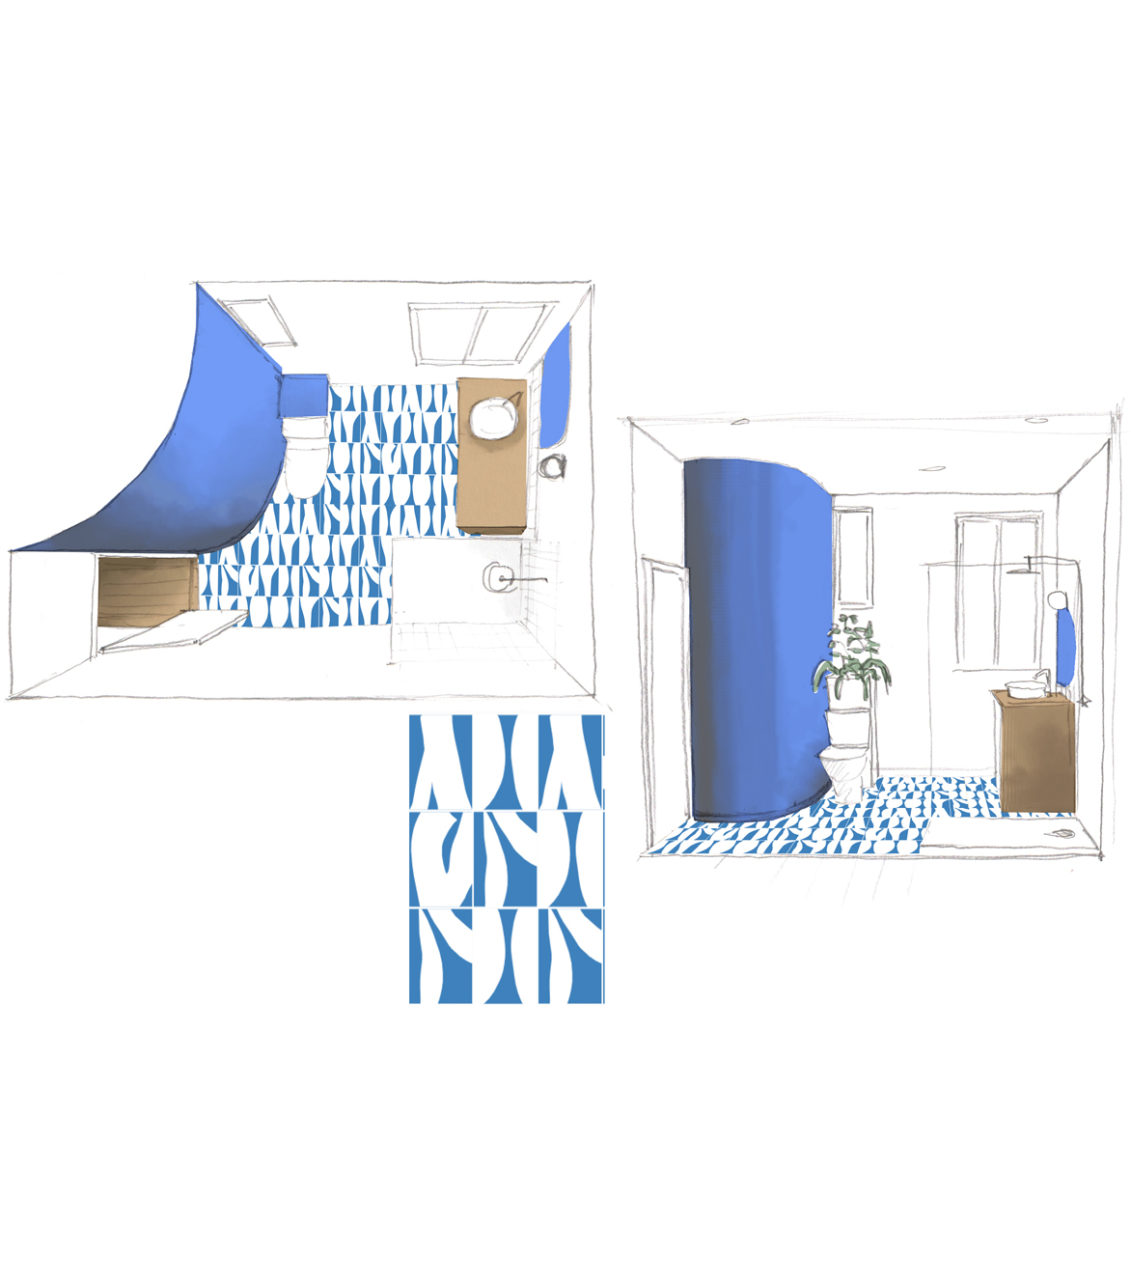 Dessin 3D couleur de pré-visualisation de la salle de bain du projet de la rue du Mont Cenis Paris 18 afin d'aider le client dans le choix du calpinage des carreaux de ciment Popham Design.